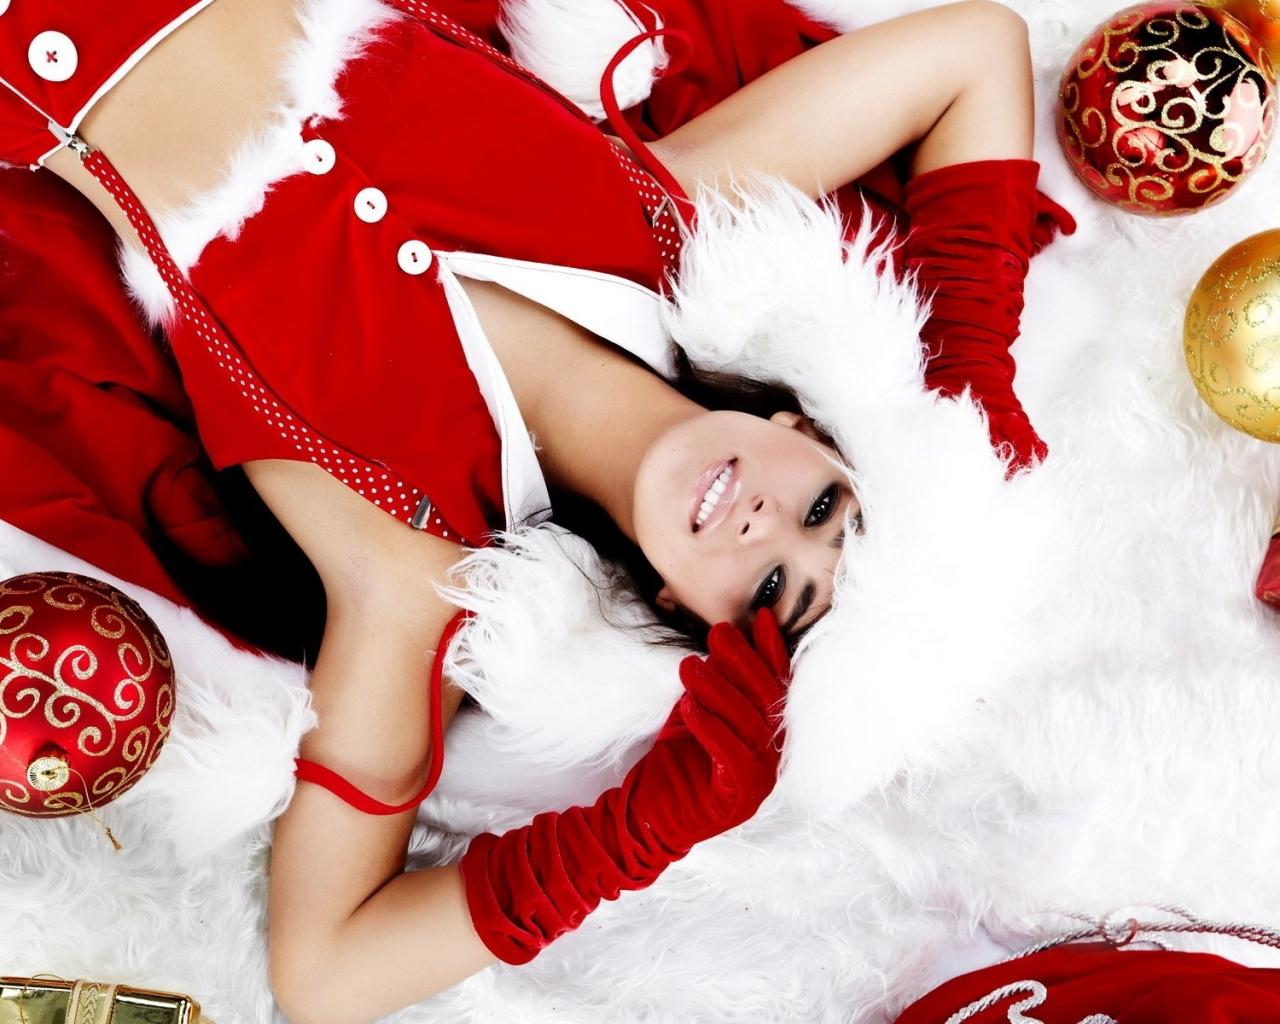 Chicas lindas con regalos para navidad - 1280x1024